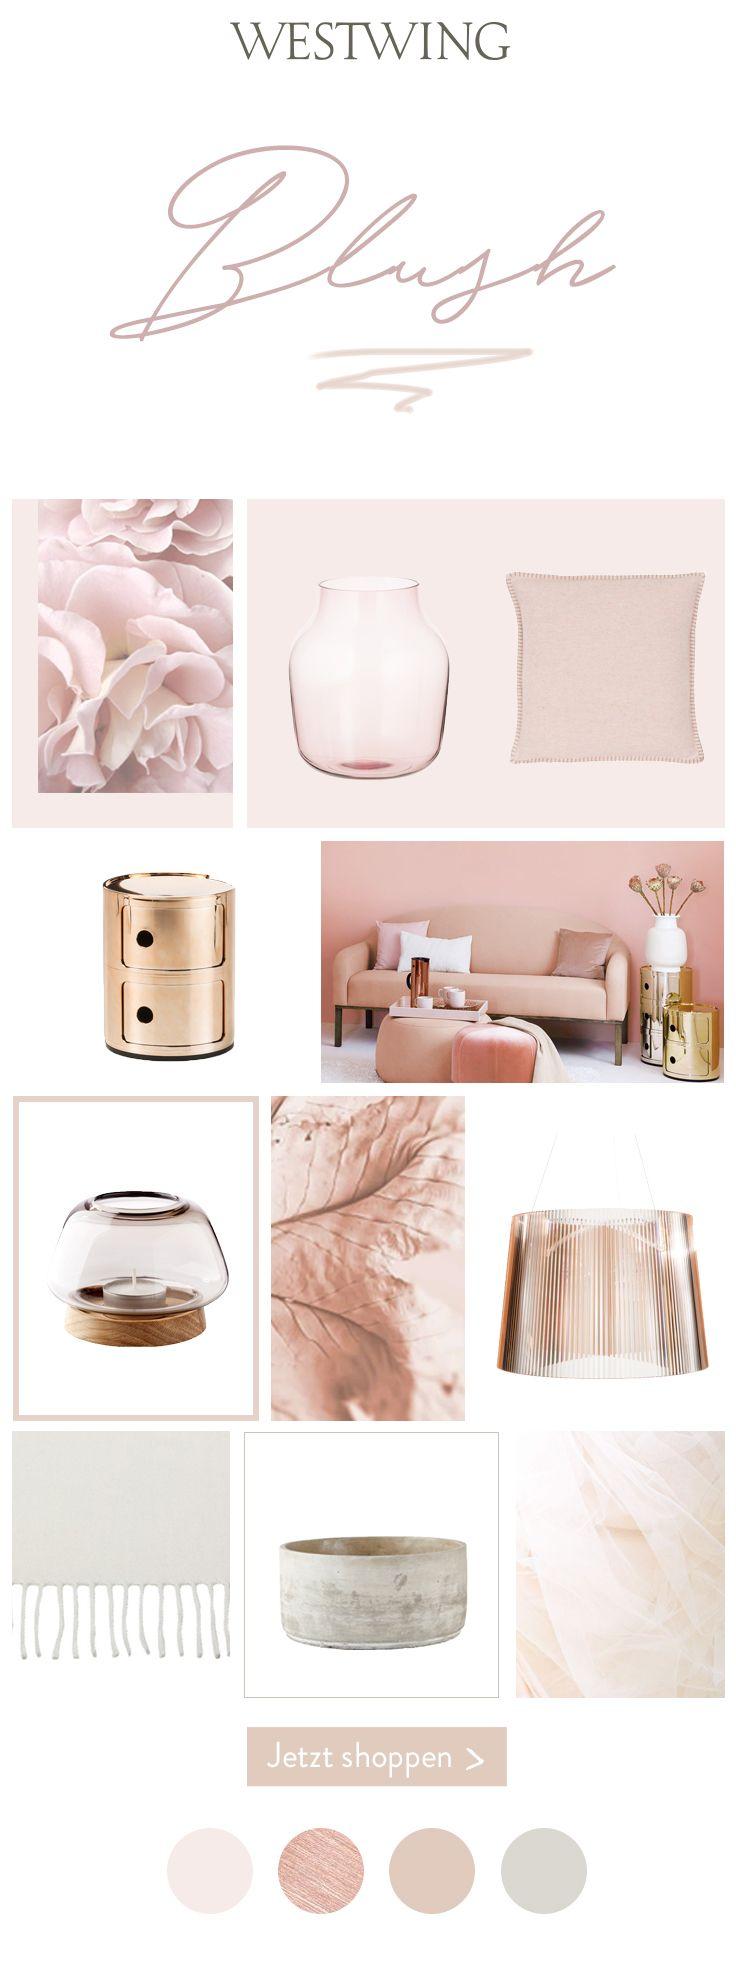 die besten 25 k chen lackfarben ideen auf pinterest k chenfarbe k chenfarben und k chen. Black Bedroom Furniture Sets. Home Design Ideas